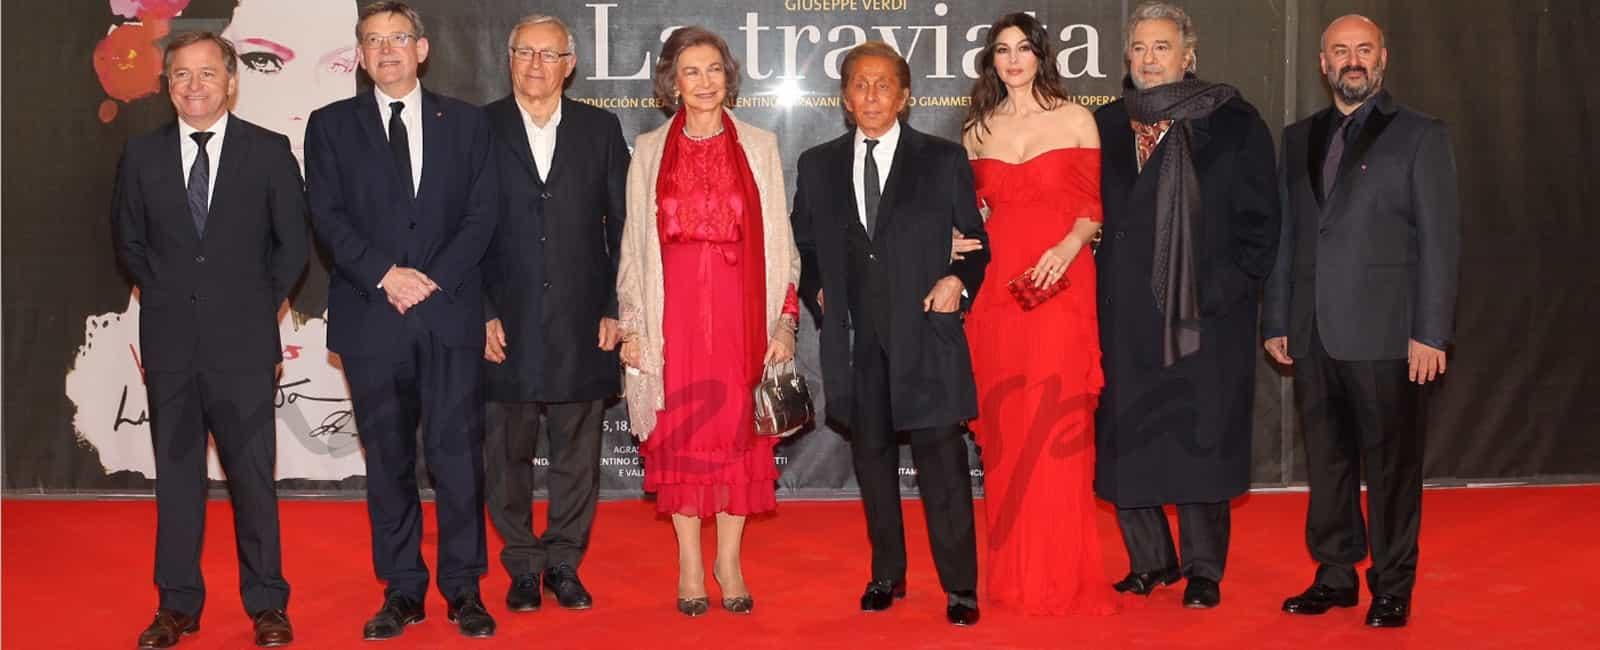 La reina Sofía y Mónica Bellucci en el estreno de la Ópera «La Traviata» en Valencia